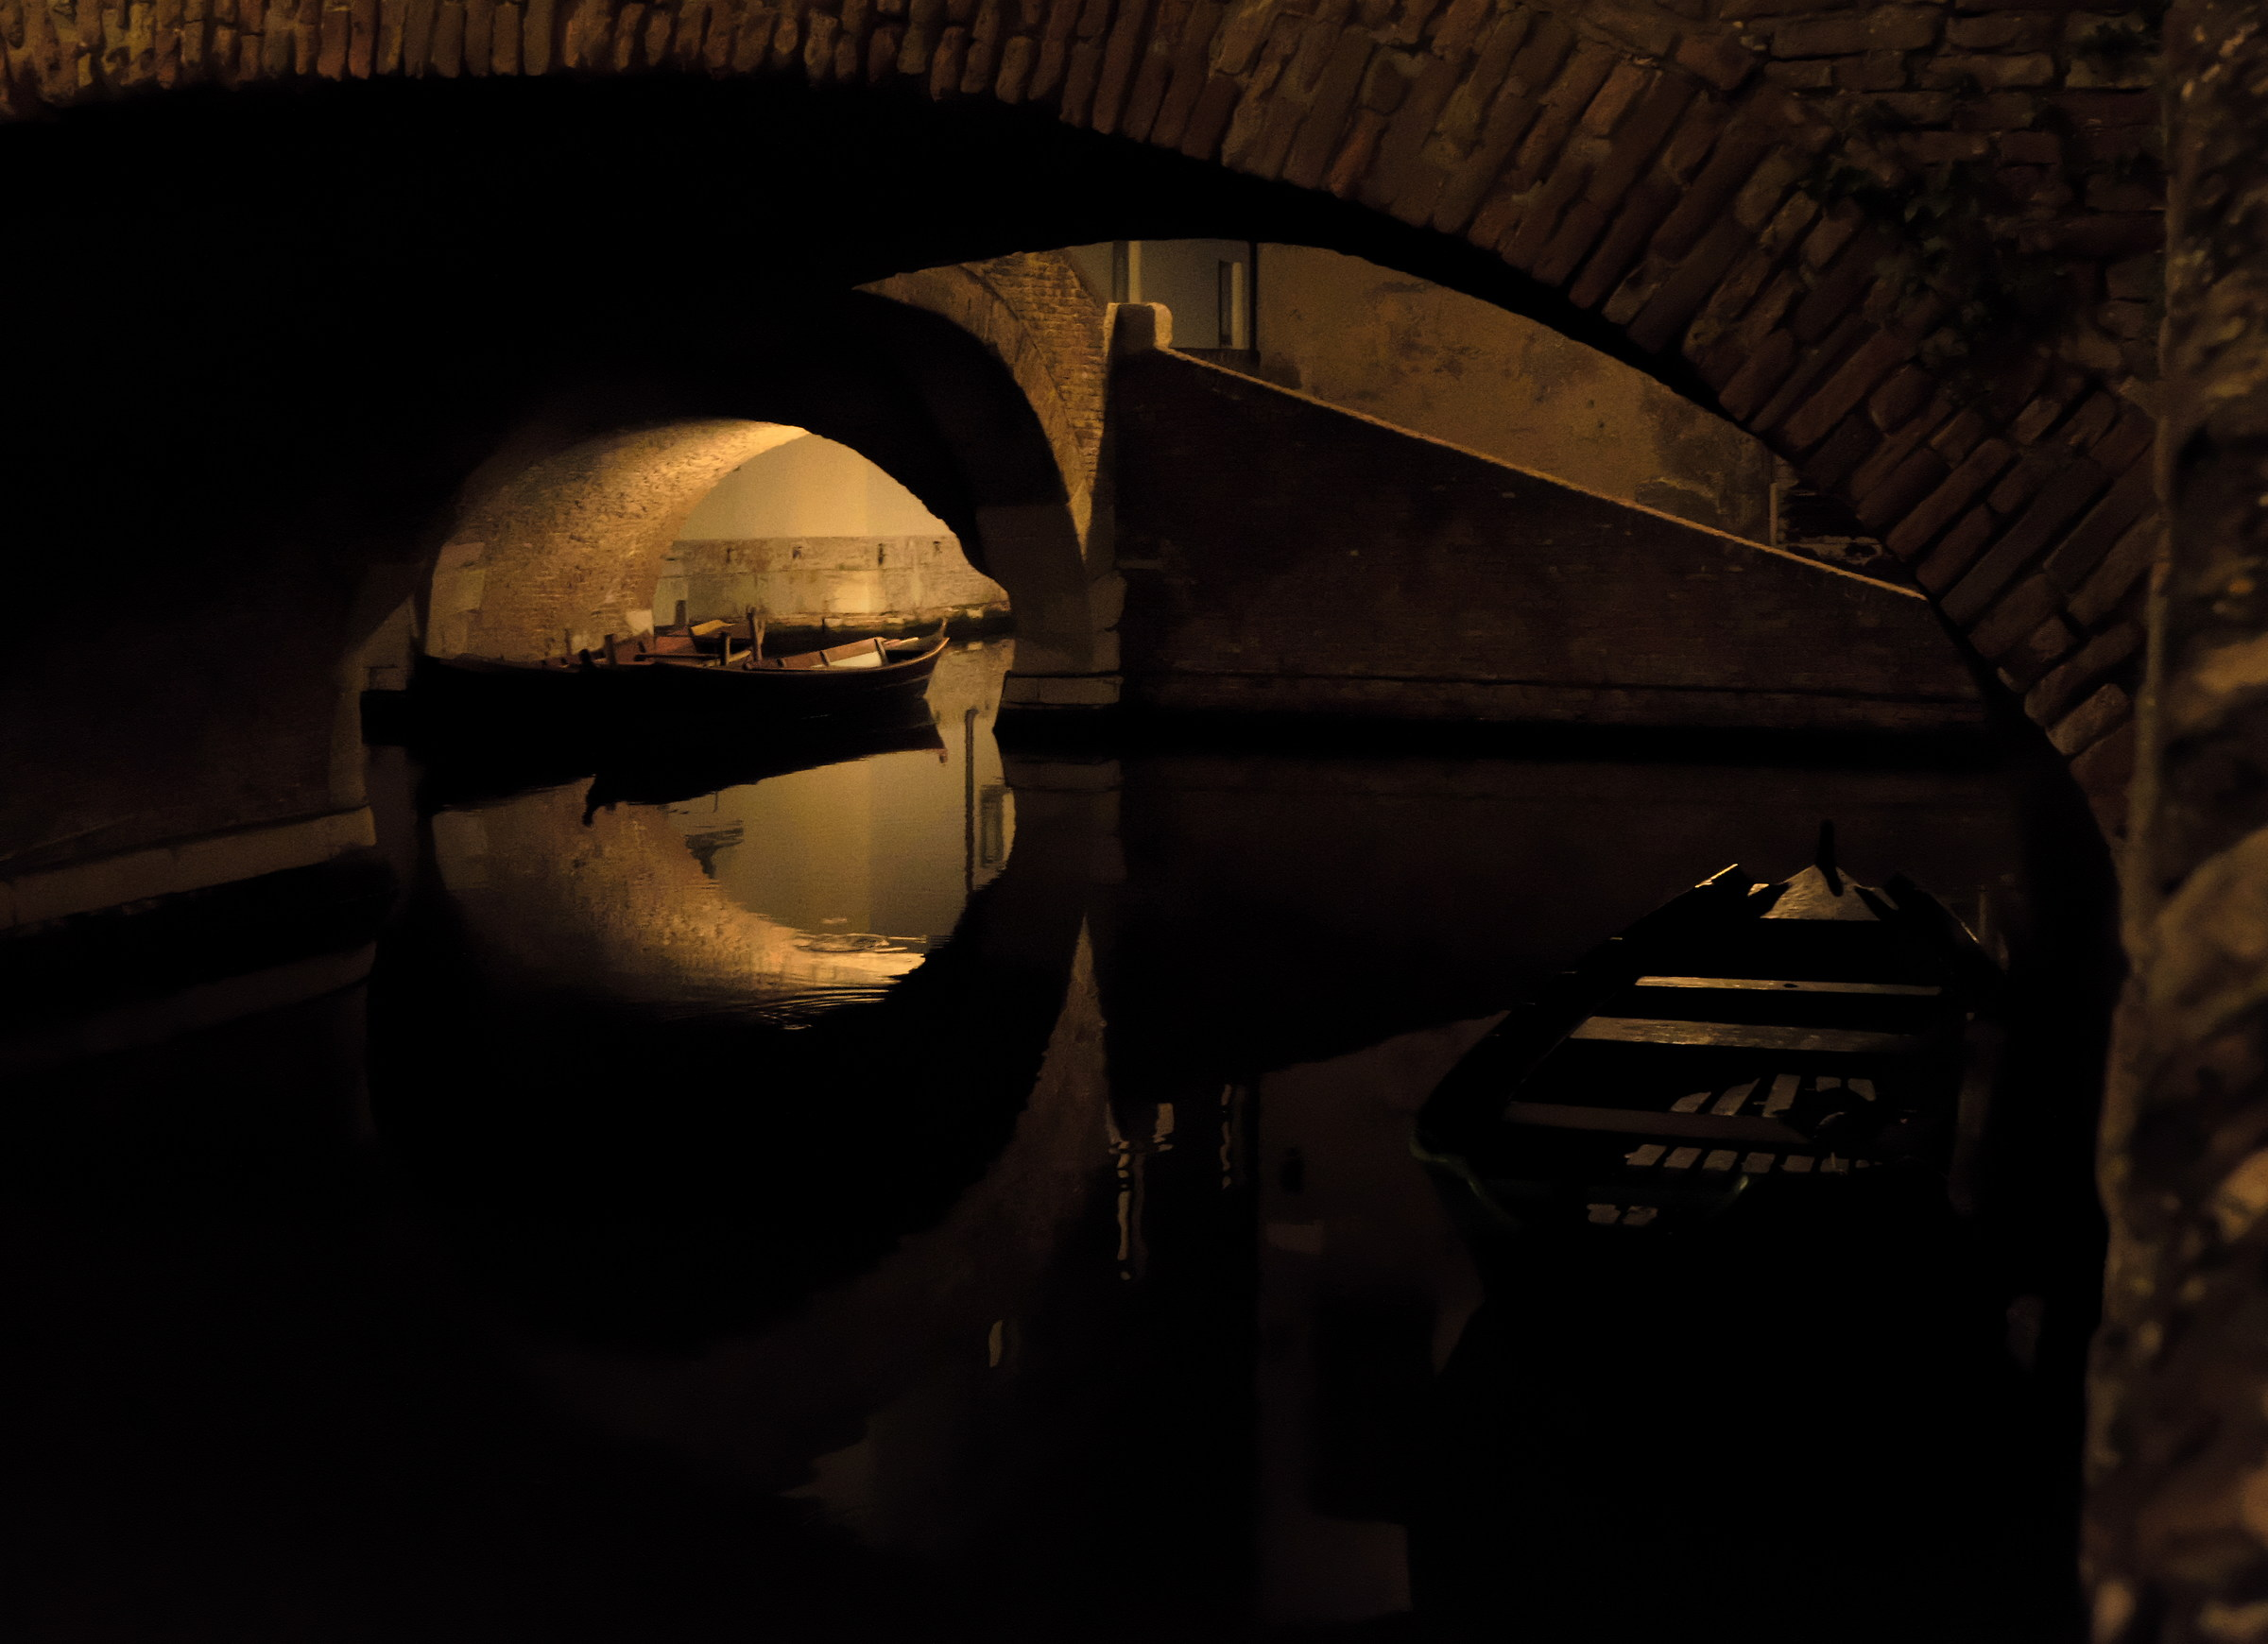 Uno sguardo sotto il ponte...